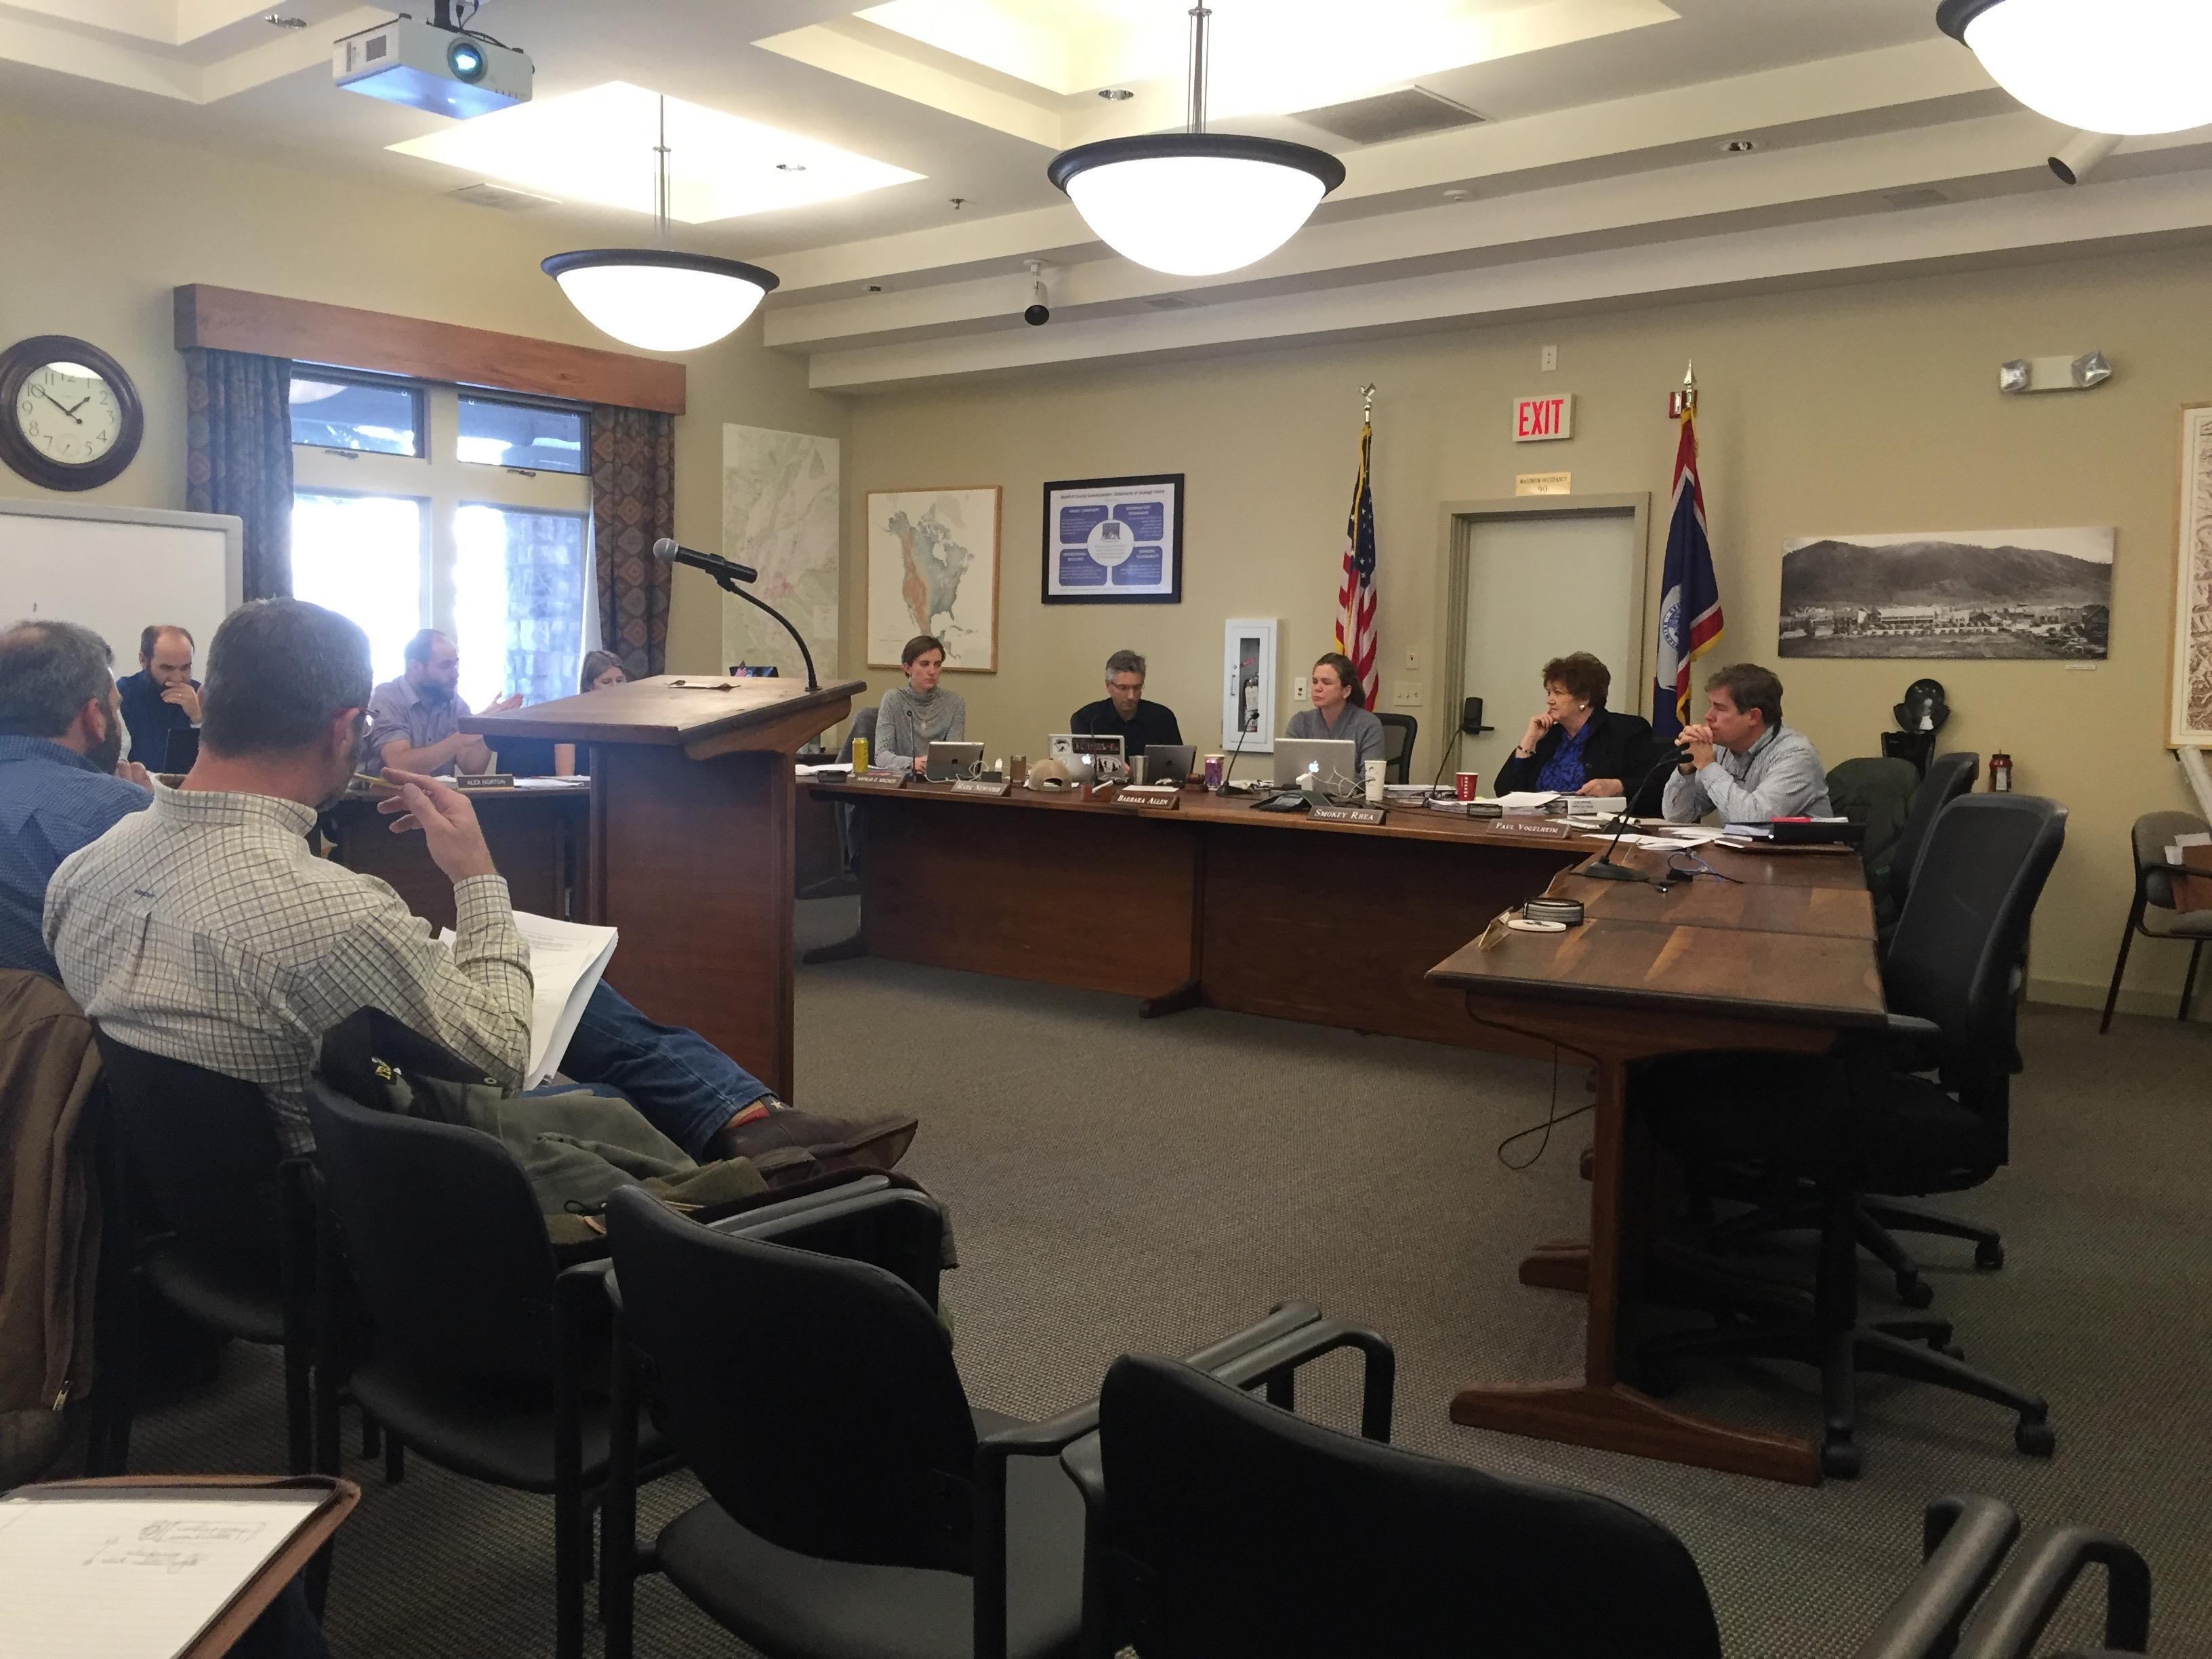 Rural LDR revisions at BCC meeting